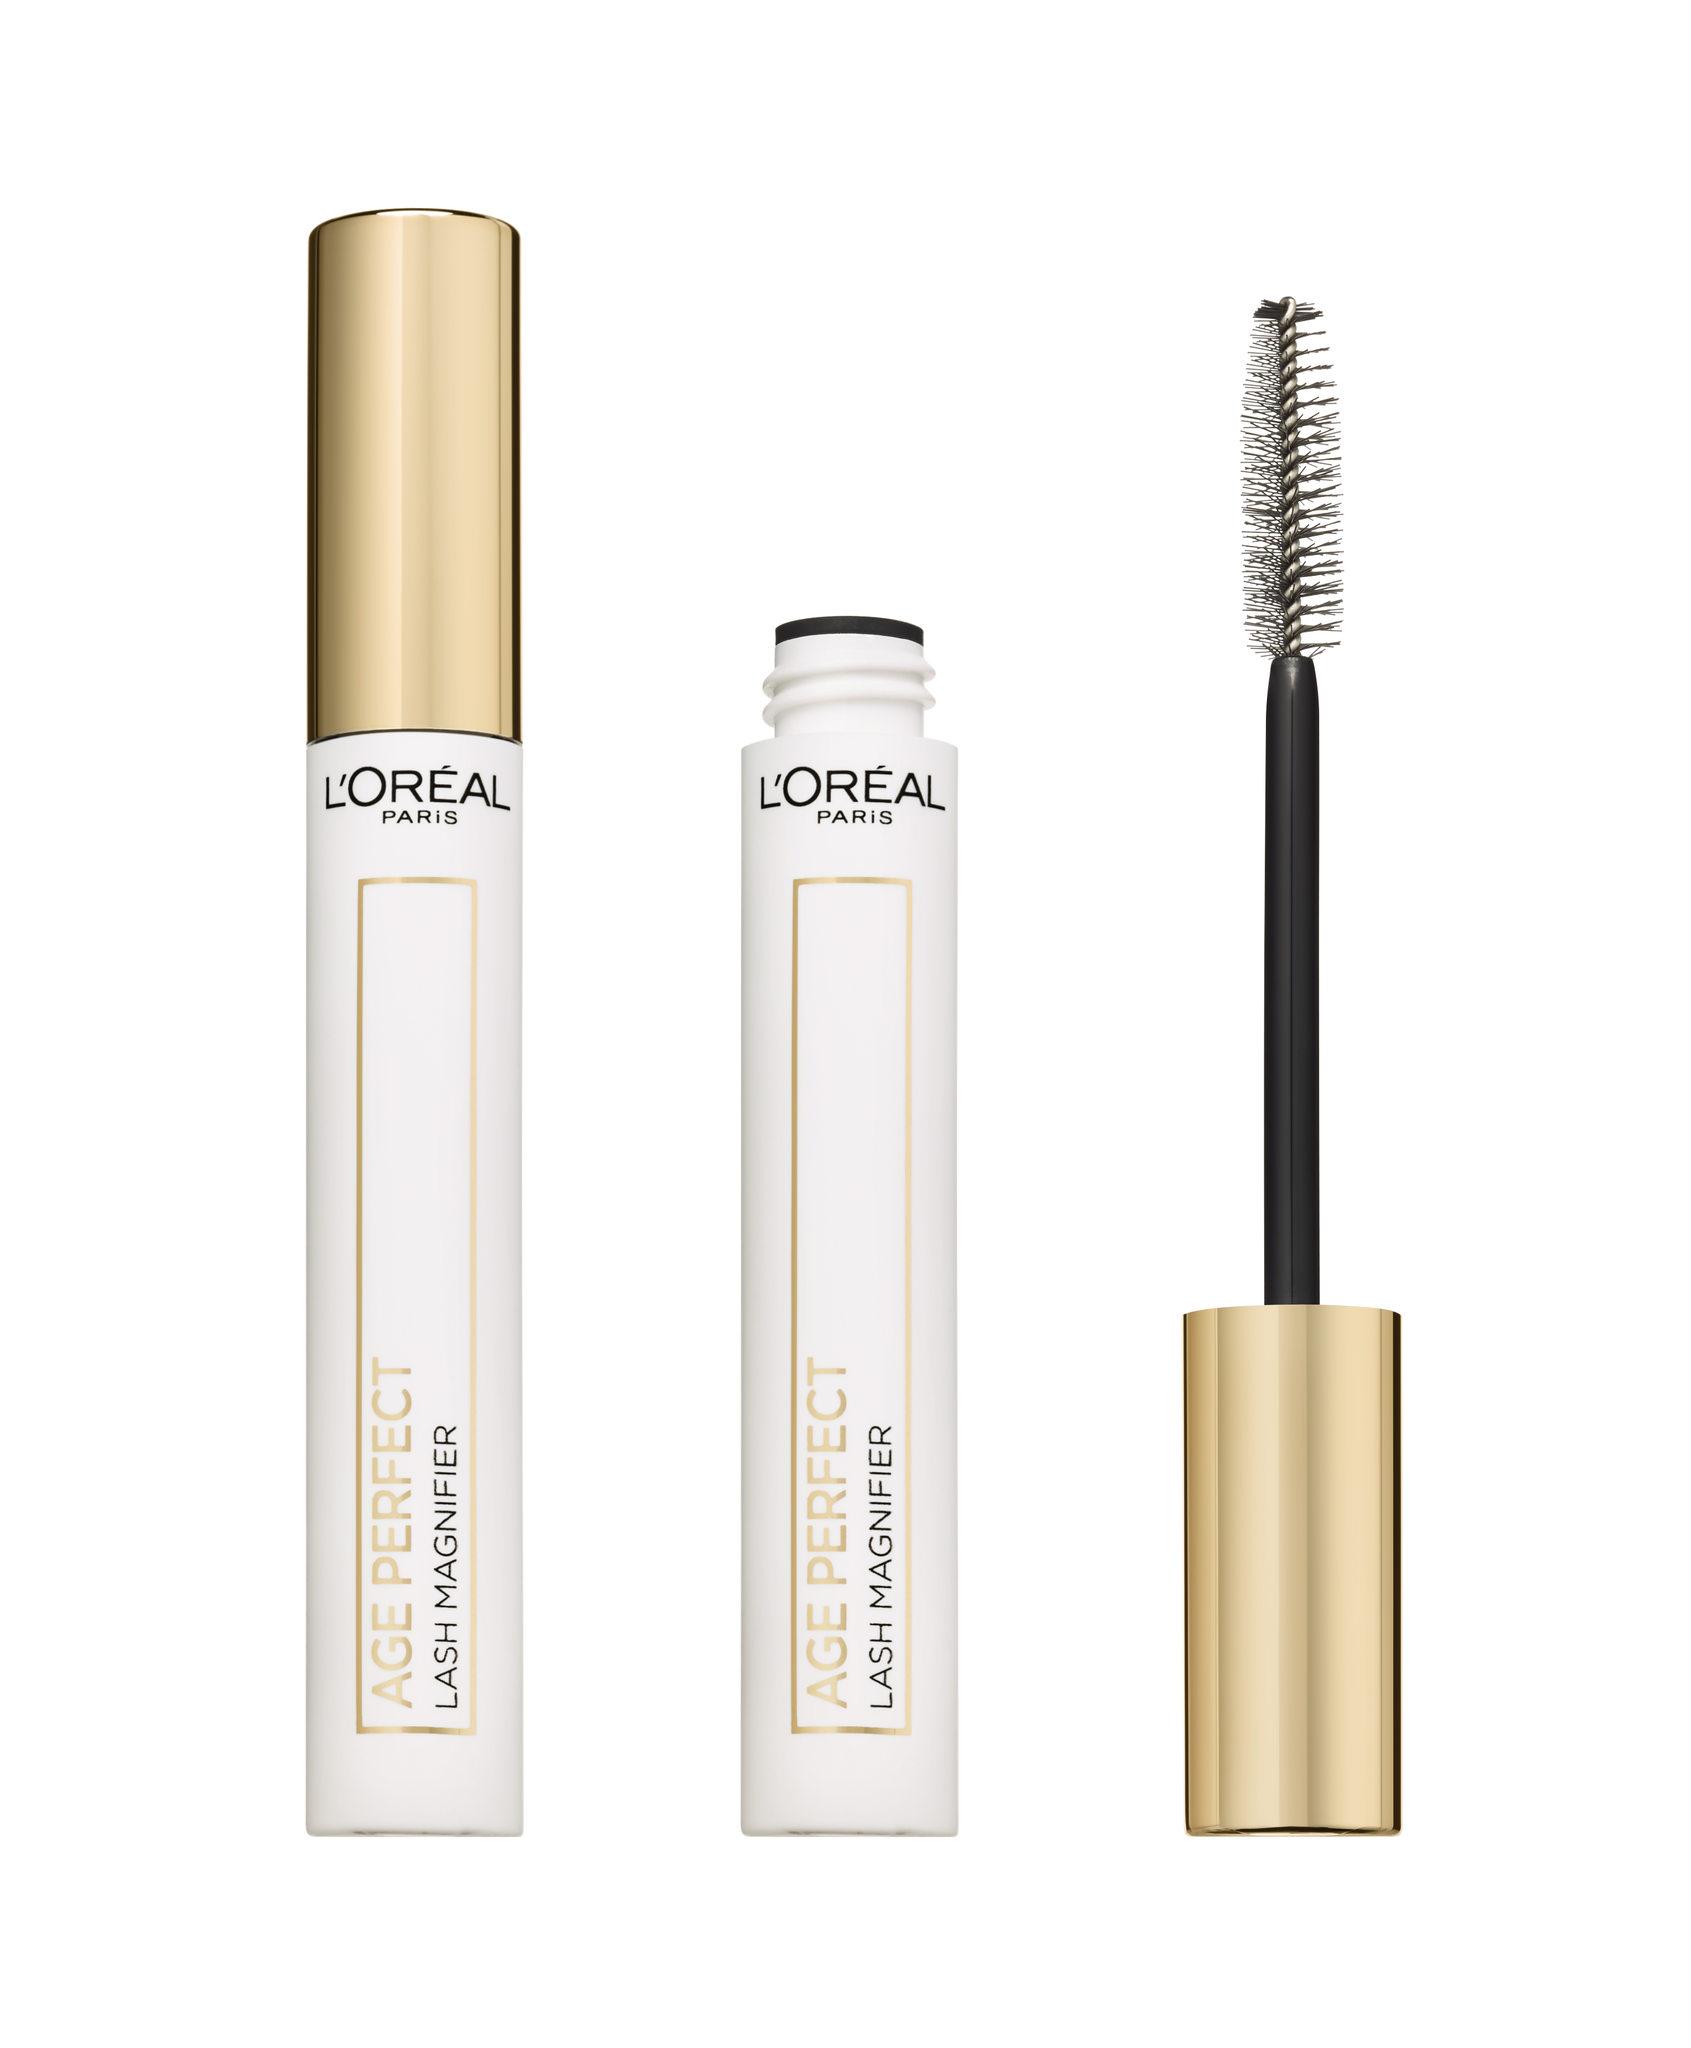 Crème Age Perfect, de chez l'Oréal lancée au début des années 2000, sur le segment du capillaire et du maquillage